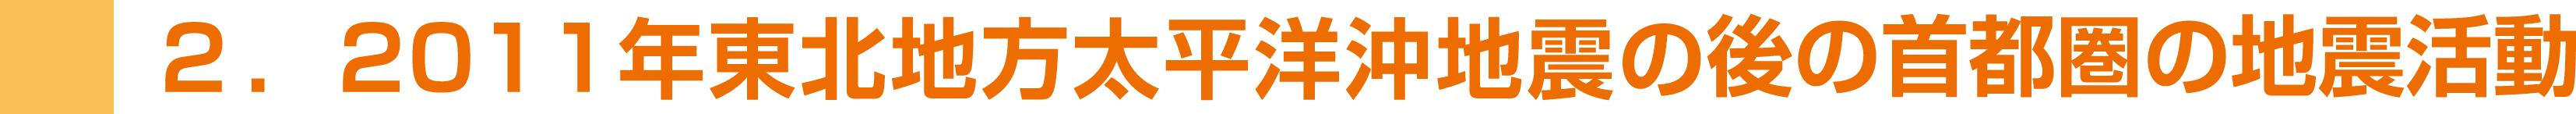 2011.3.11後の首都圏の地震活動